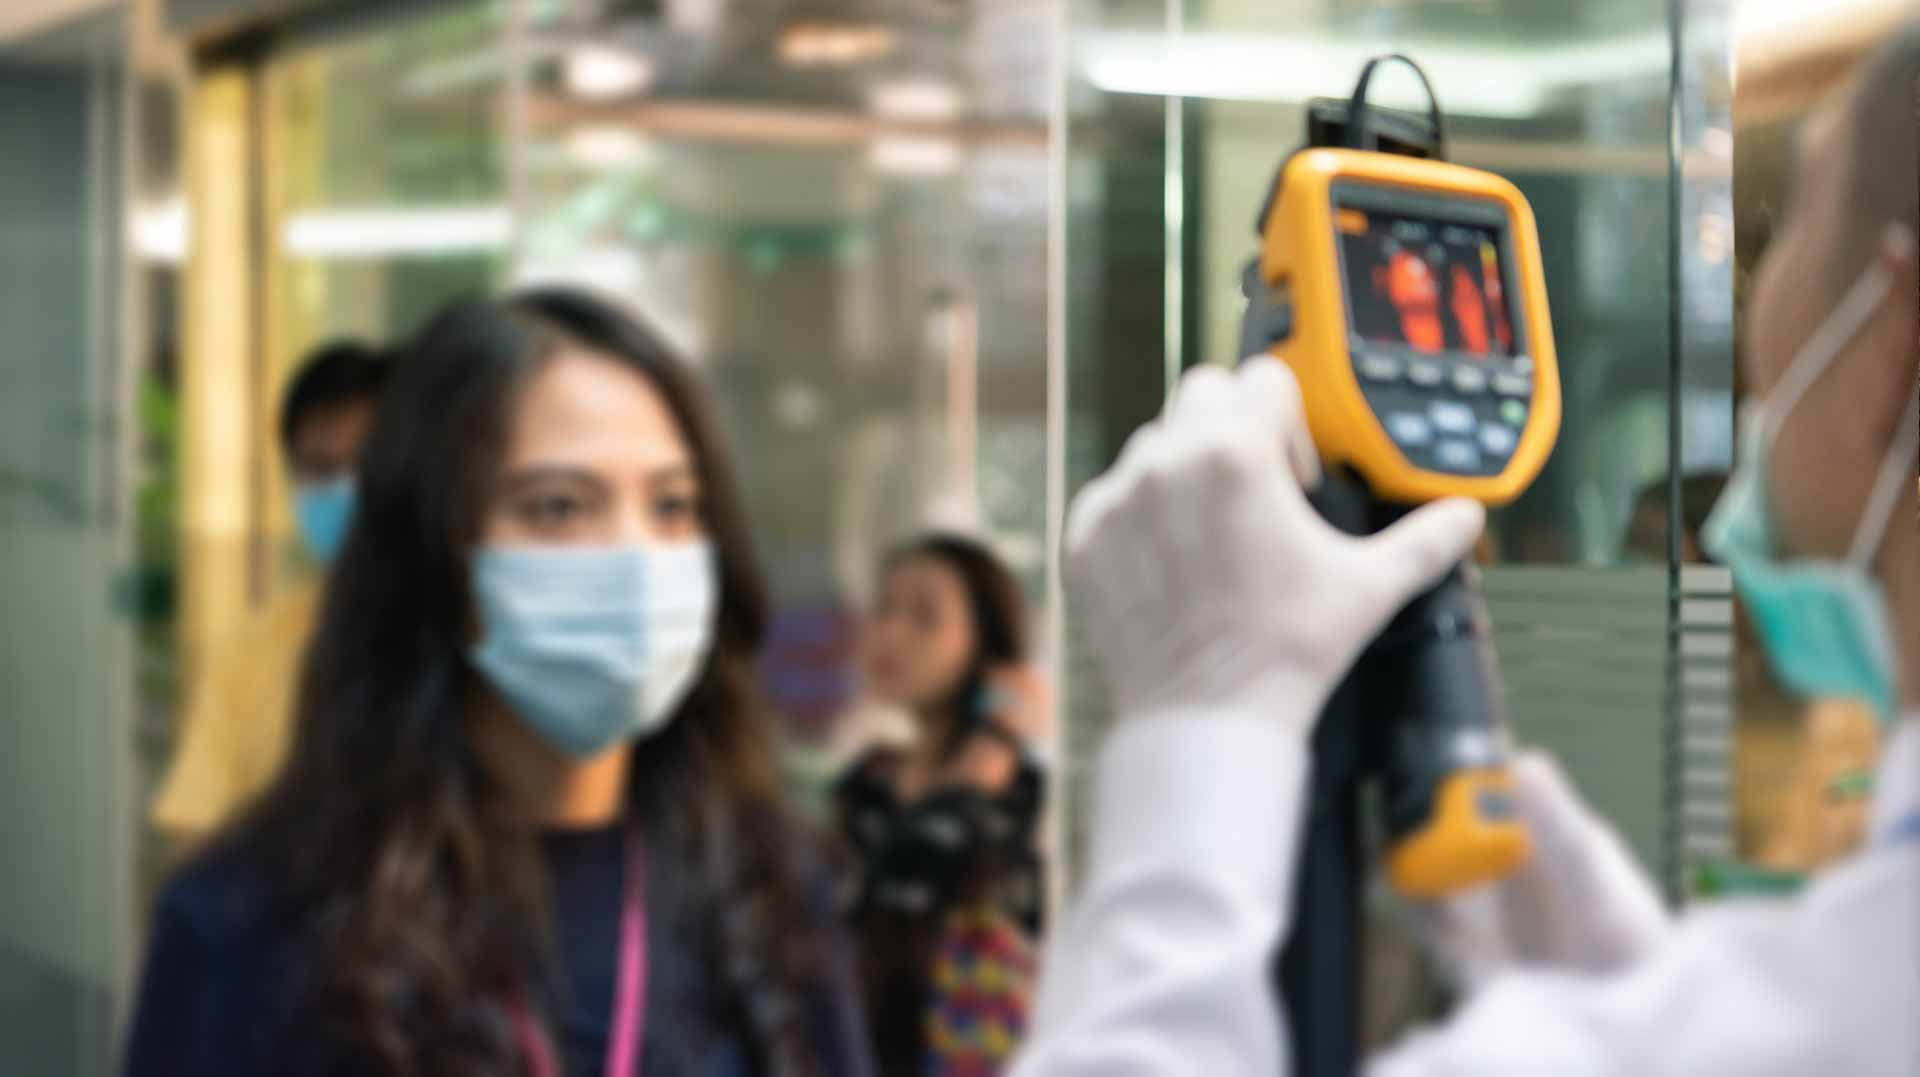 Detectie-Temperatura-CG-GC-HiTech